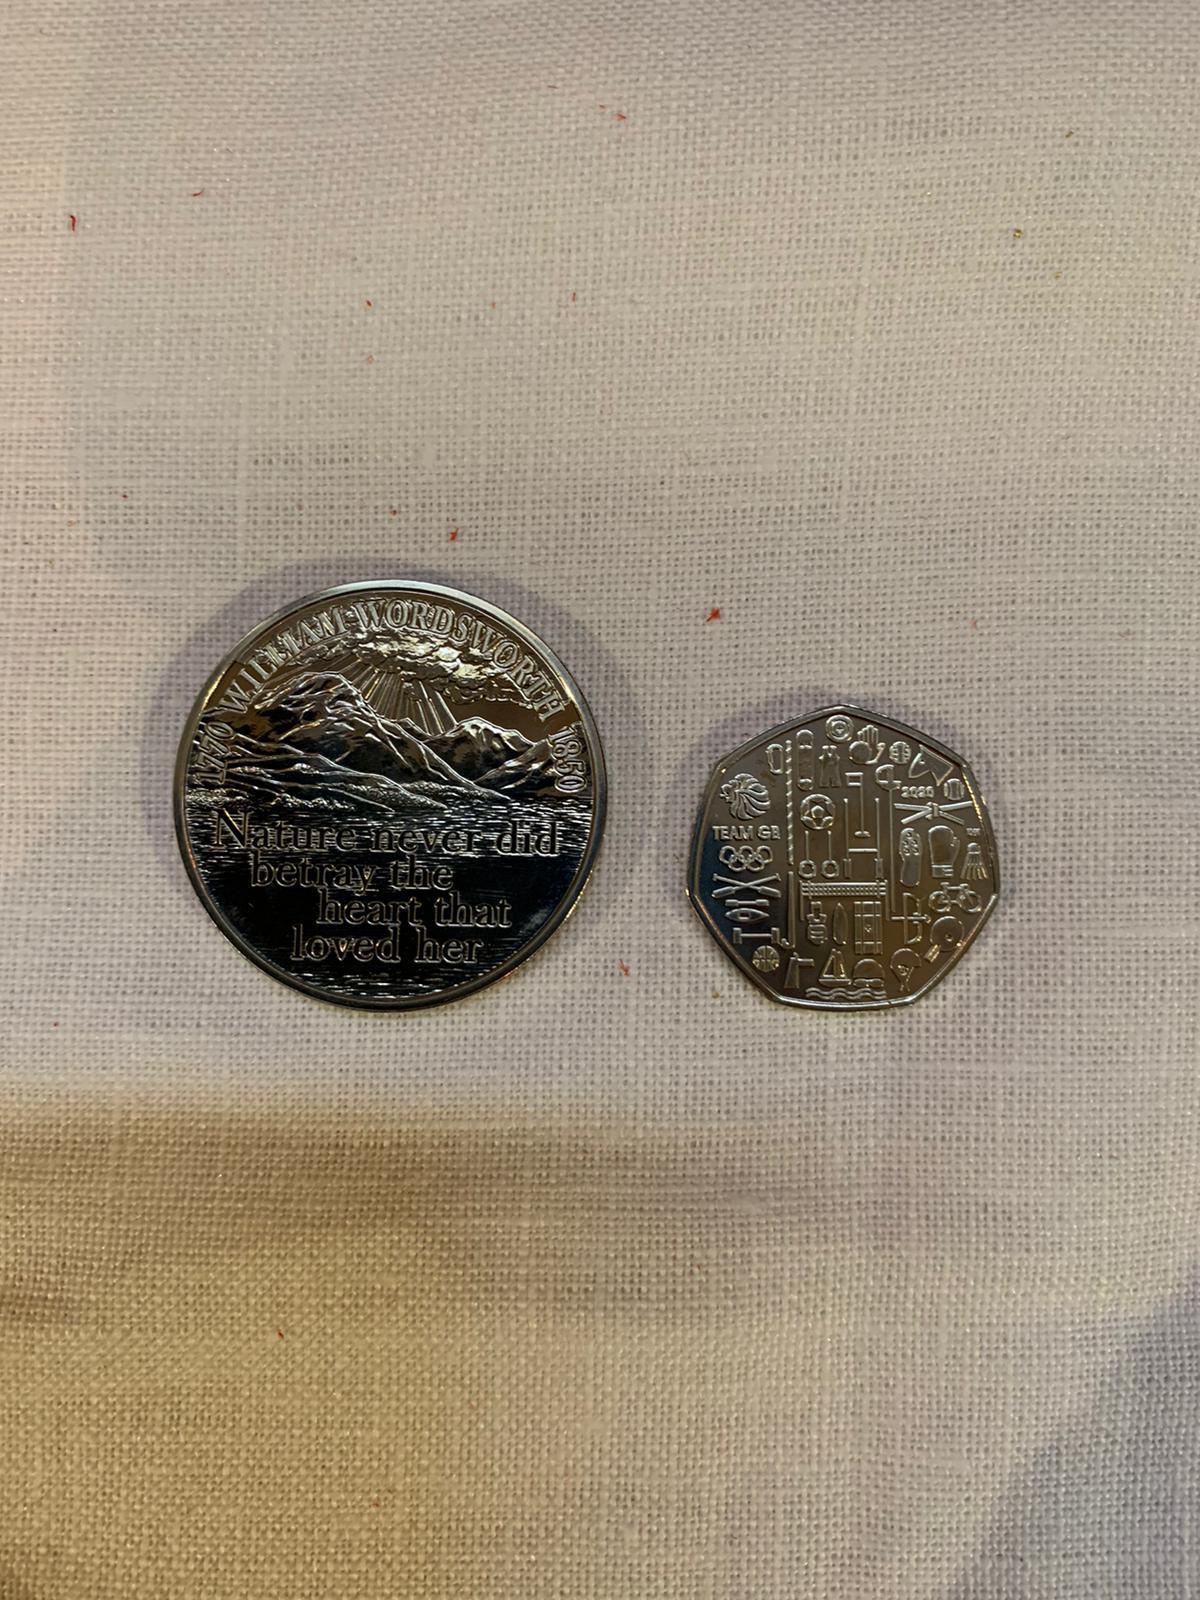 Diese Münzen erhalten 188 Pensionäre dieses Jahr als Oster-Geschenk von Queen Elizabeth. Links ist die 5-Pfund-Münze zu sehen, rechts die 50-Pence-Münze.